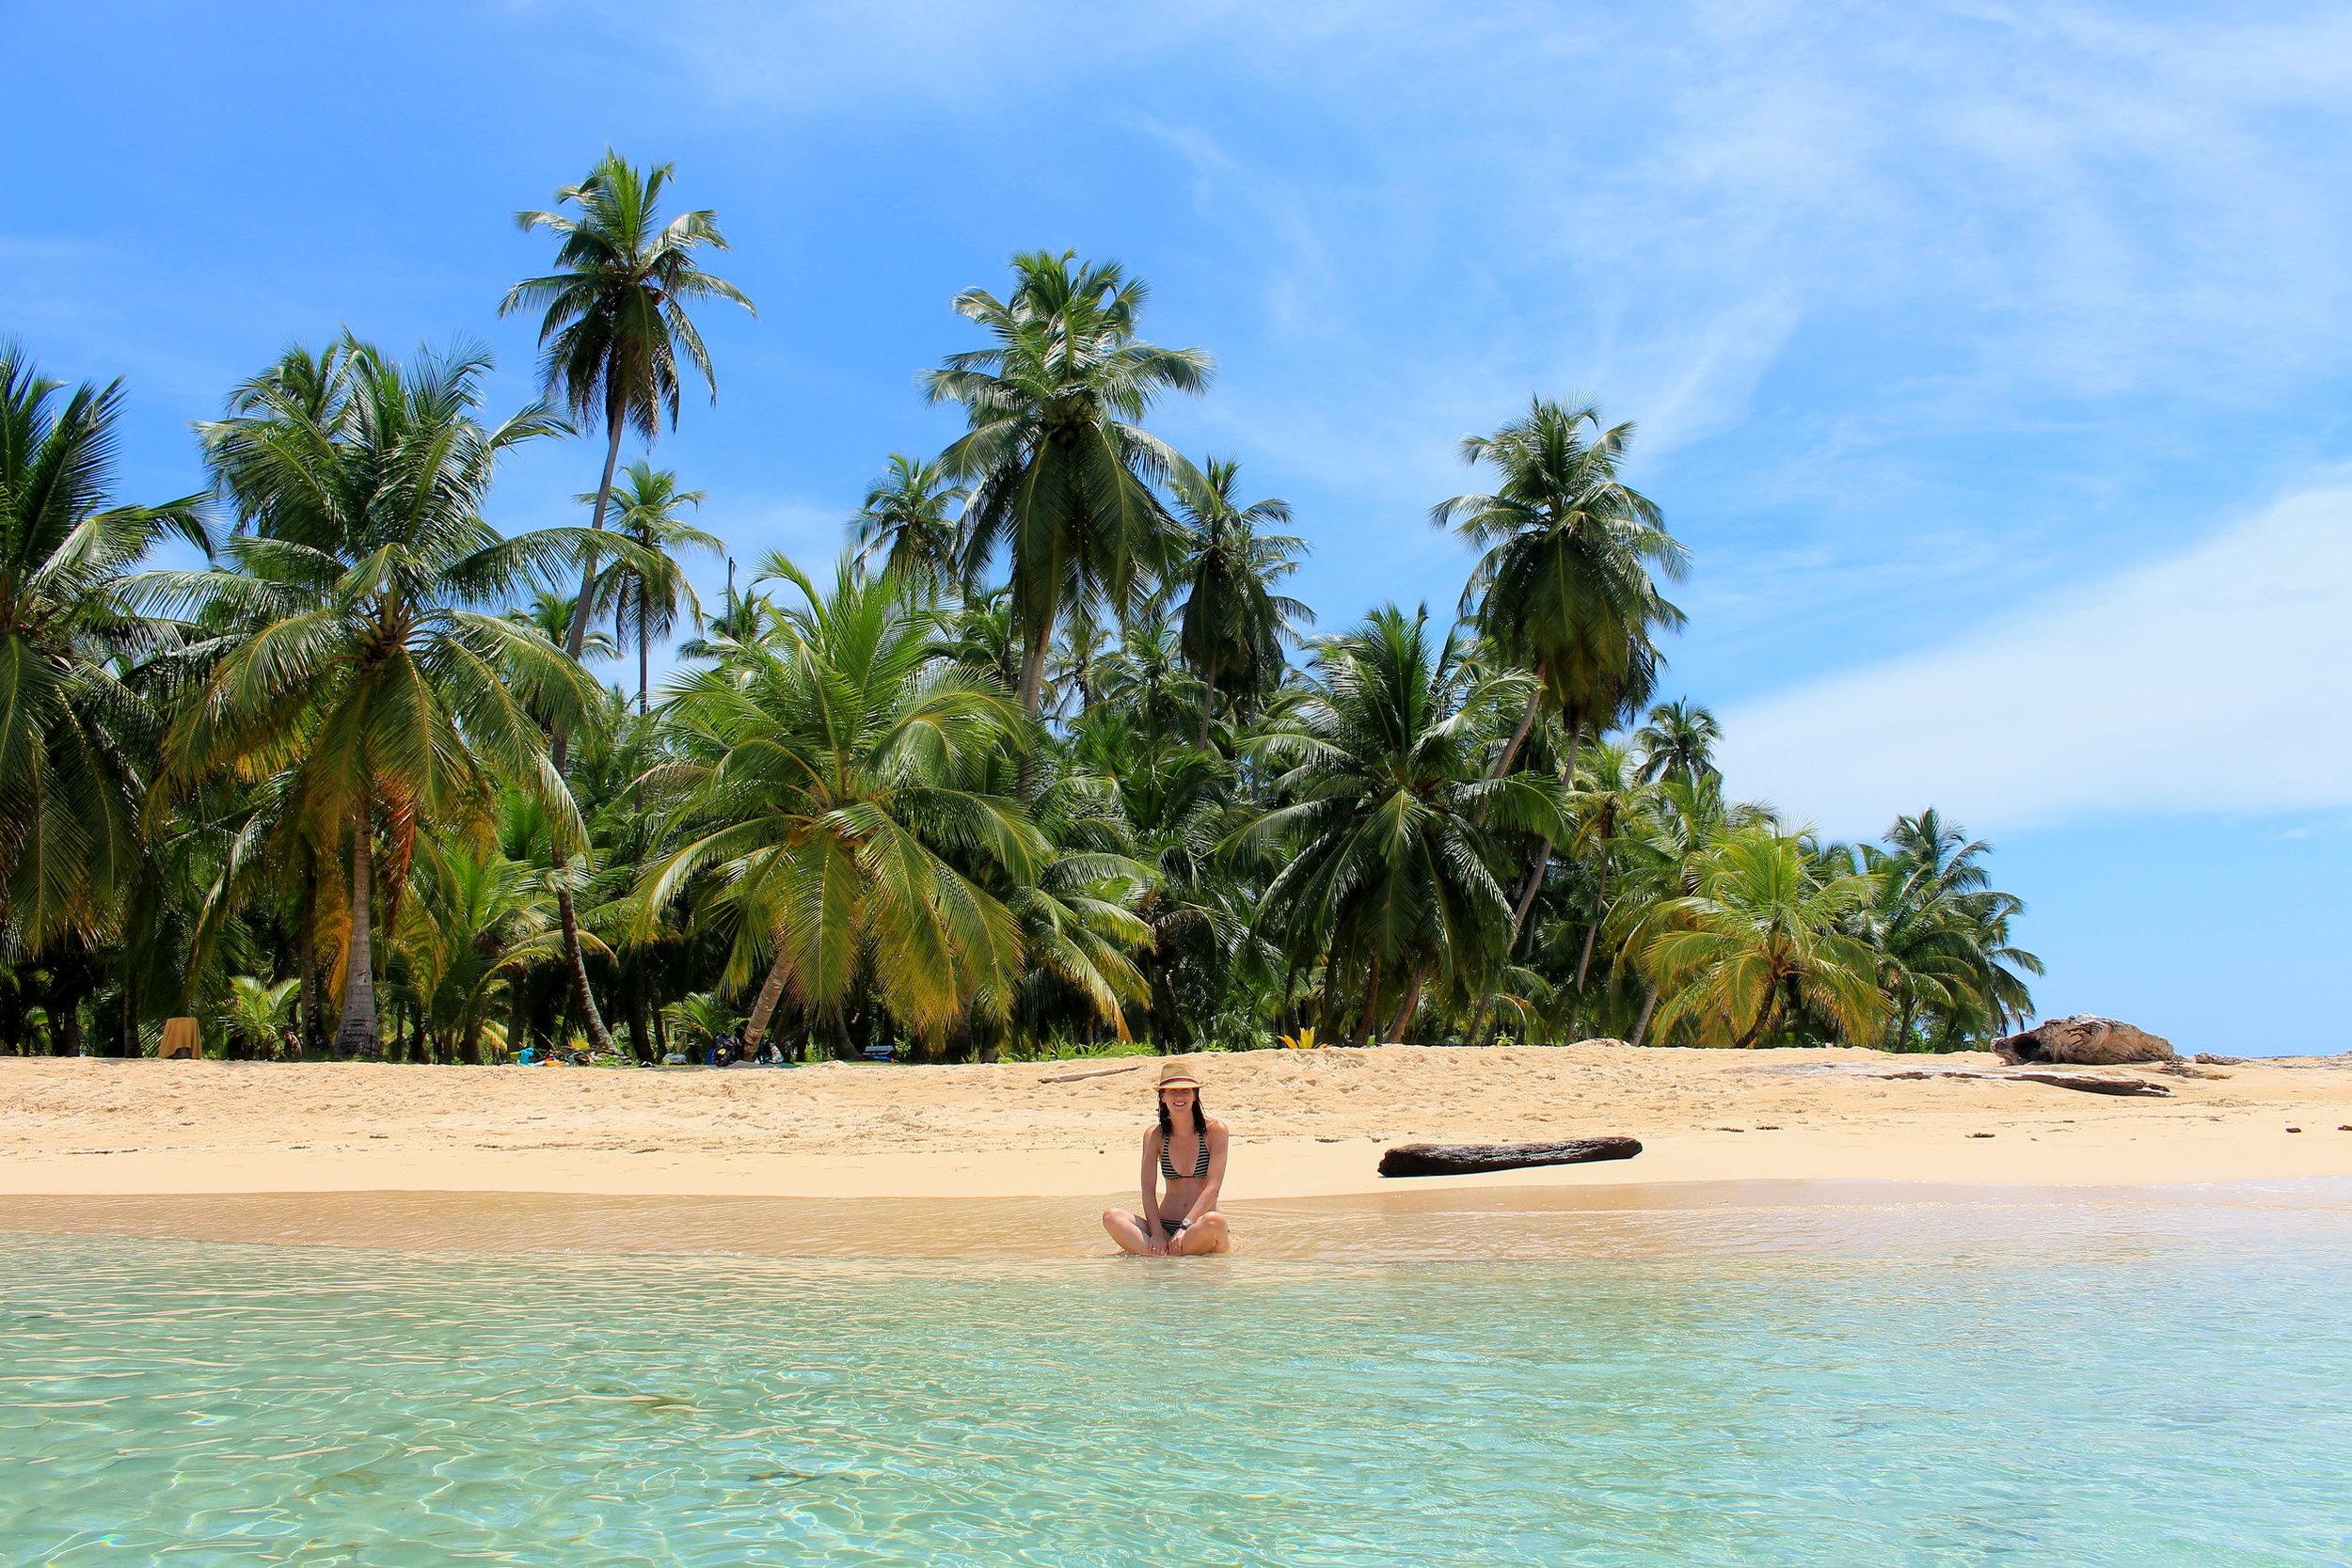 Panama er langt mer enn den verdensberømte Panamakanalen. Opplev bortgjemte strender, paradisiske øyer, regnskog og mye mer.